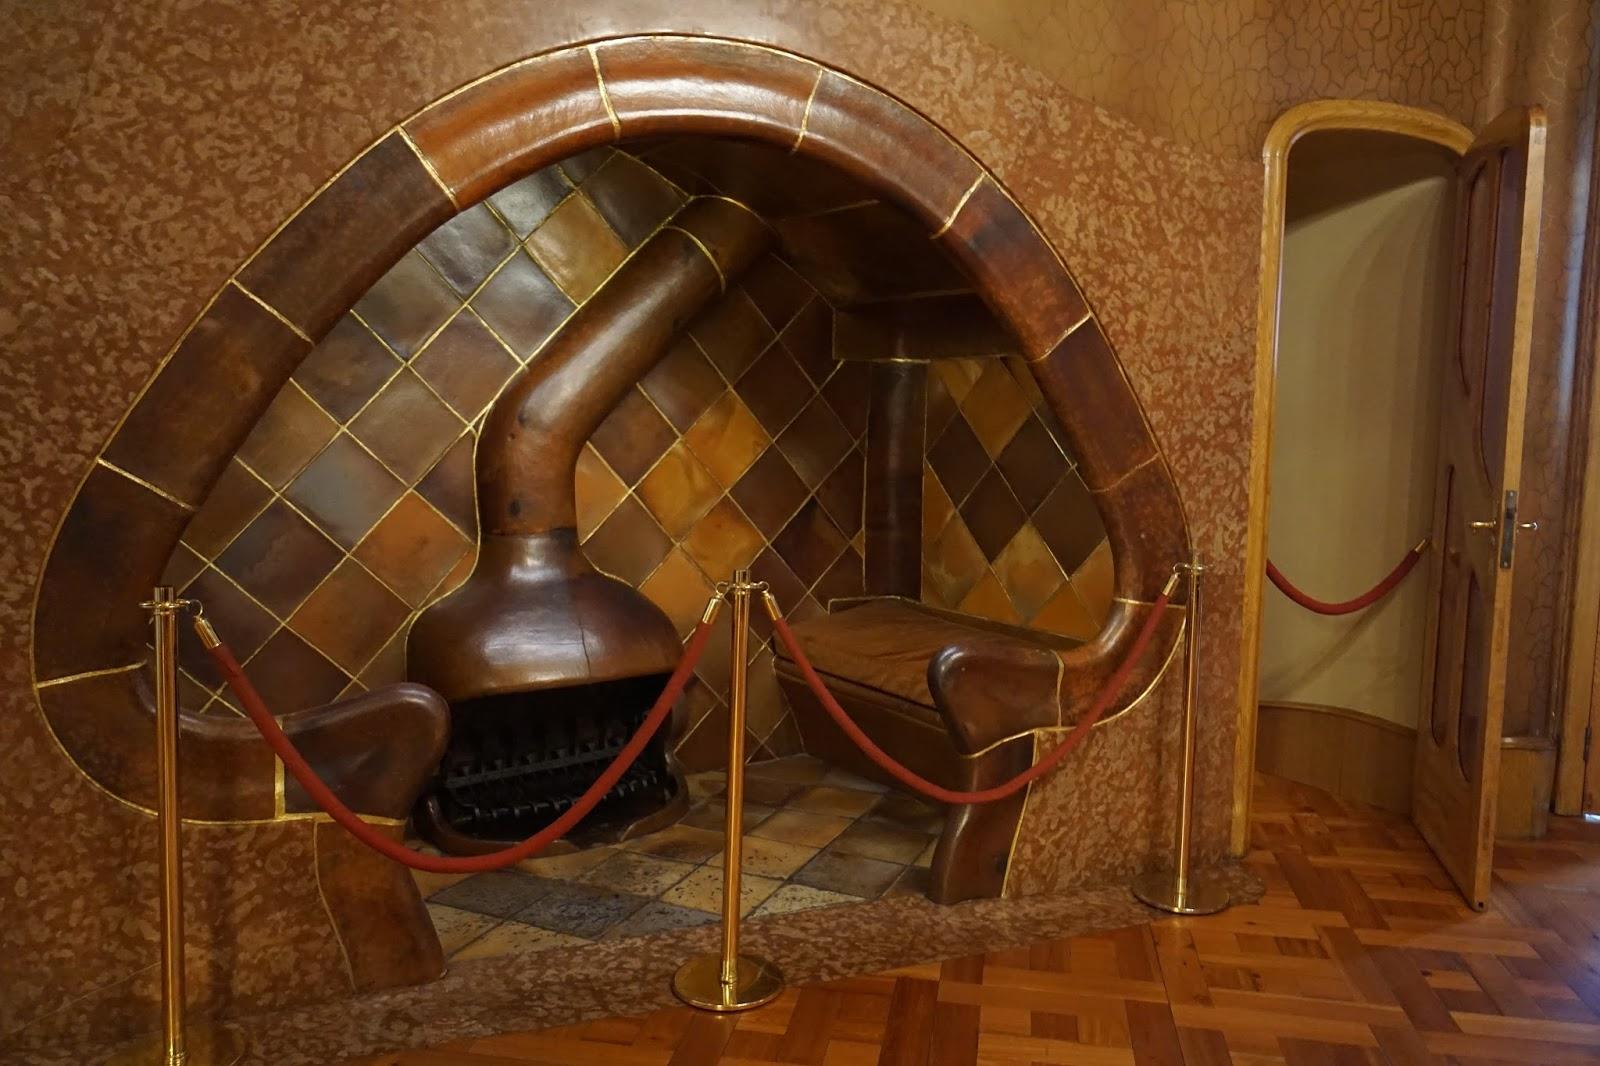 カサ・バトリョ(Casa Batlló) 2階 キノコ型の暖炉と椅子のセット